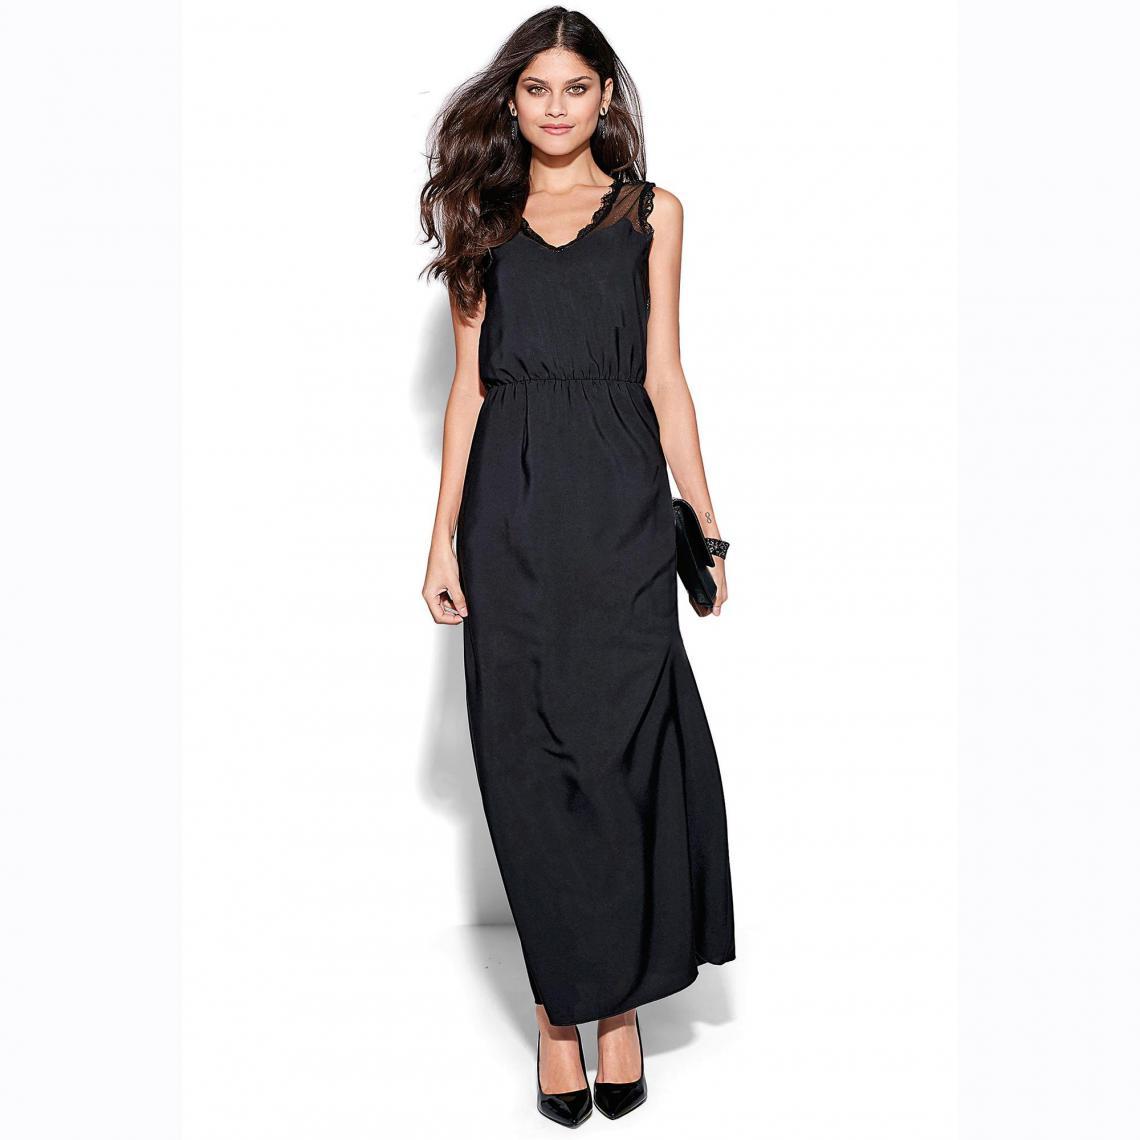 e3eb930a100 Robe longue sans manche dentelle plumetis femme - Noir 3 SUISSES Femme